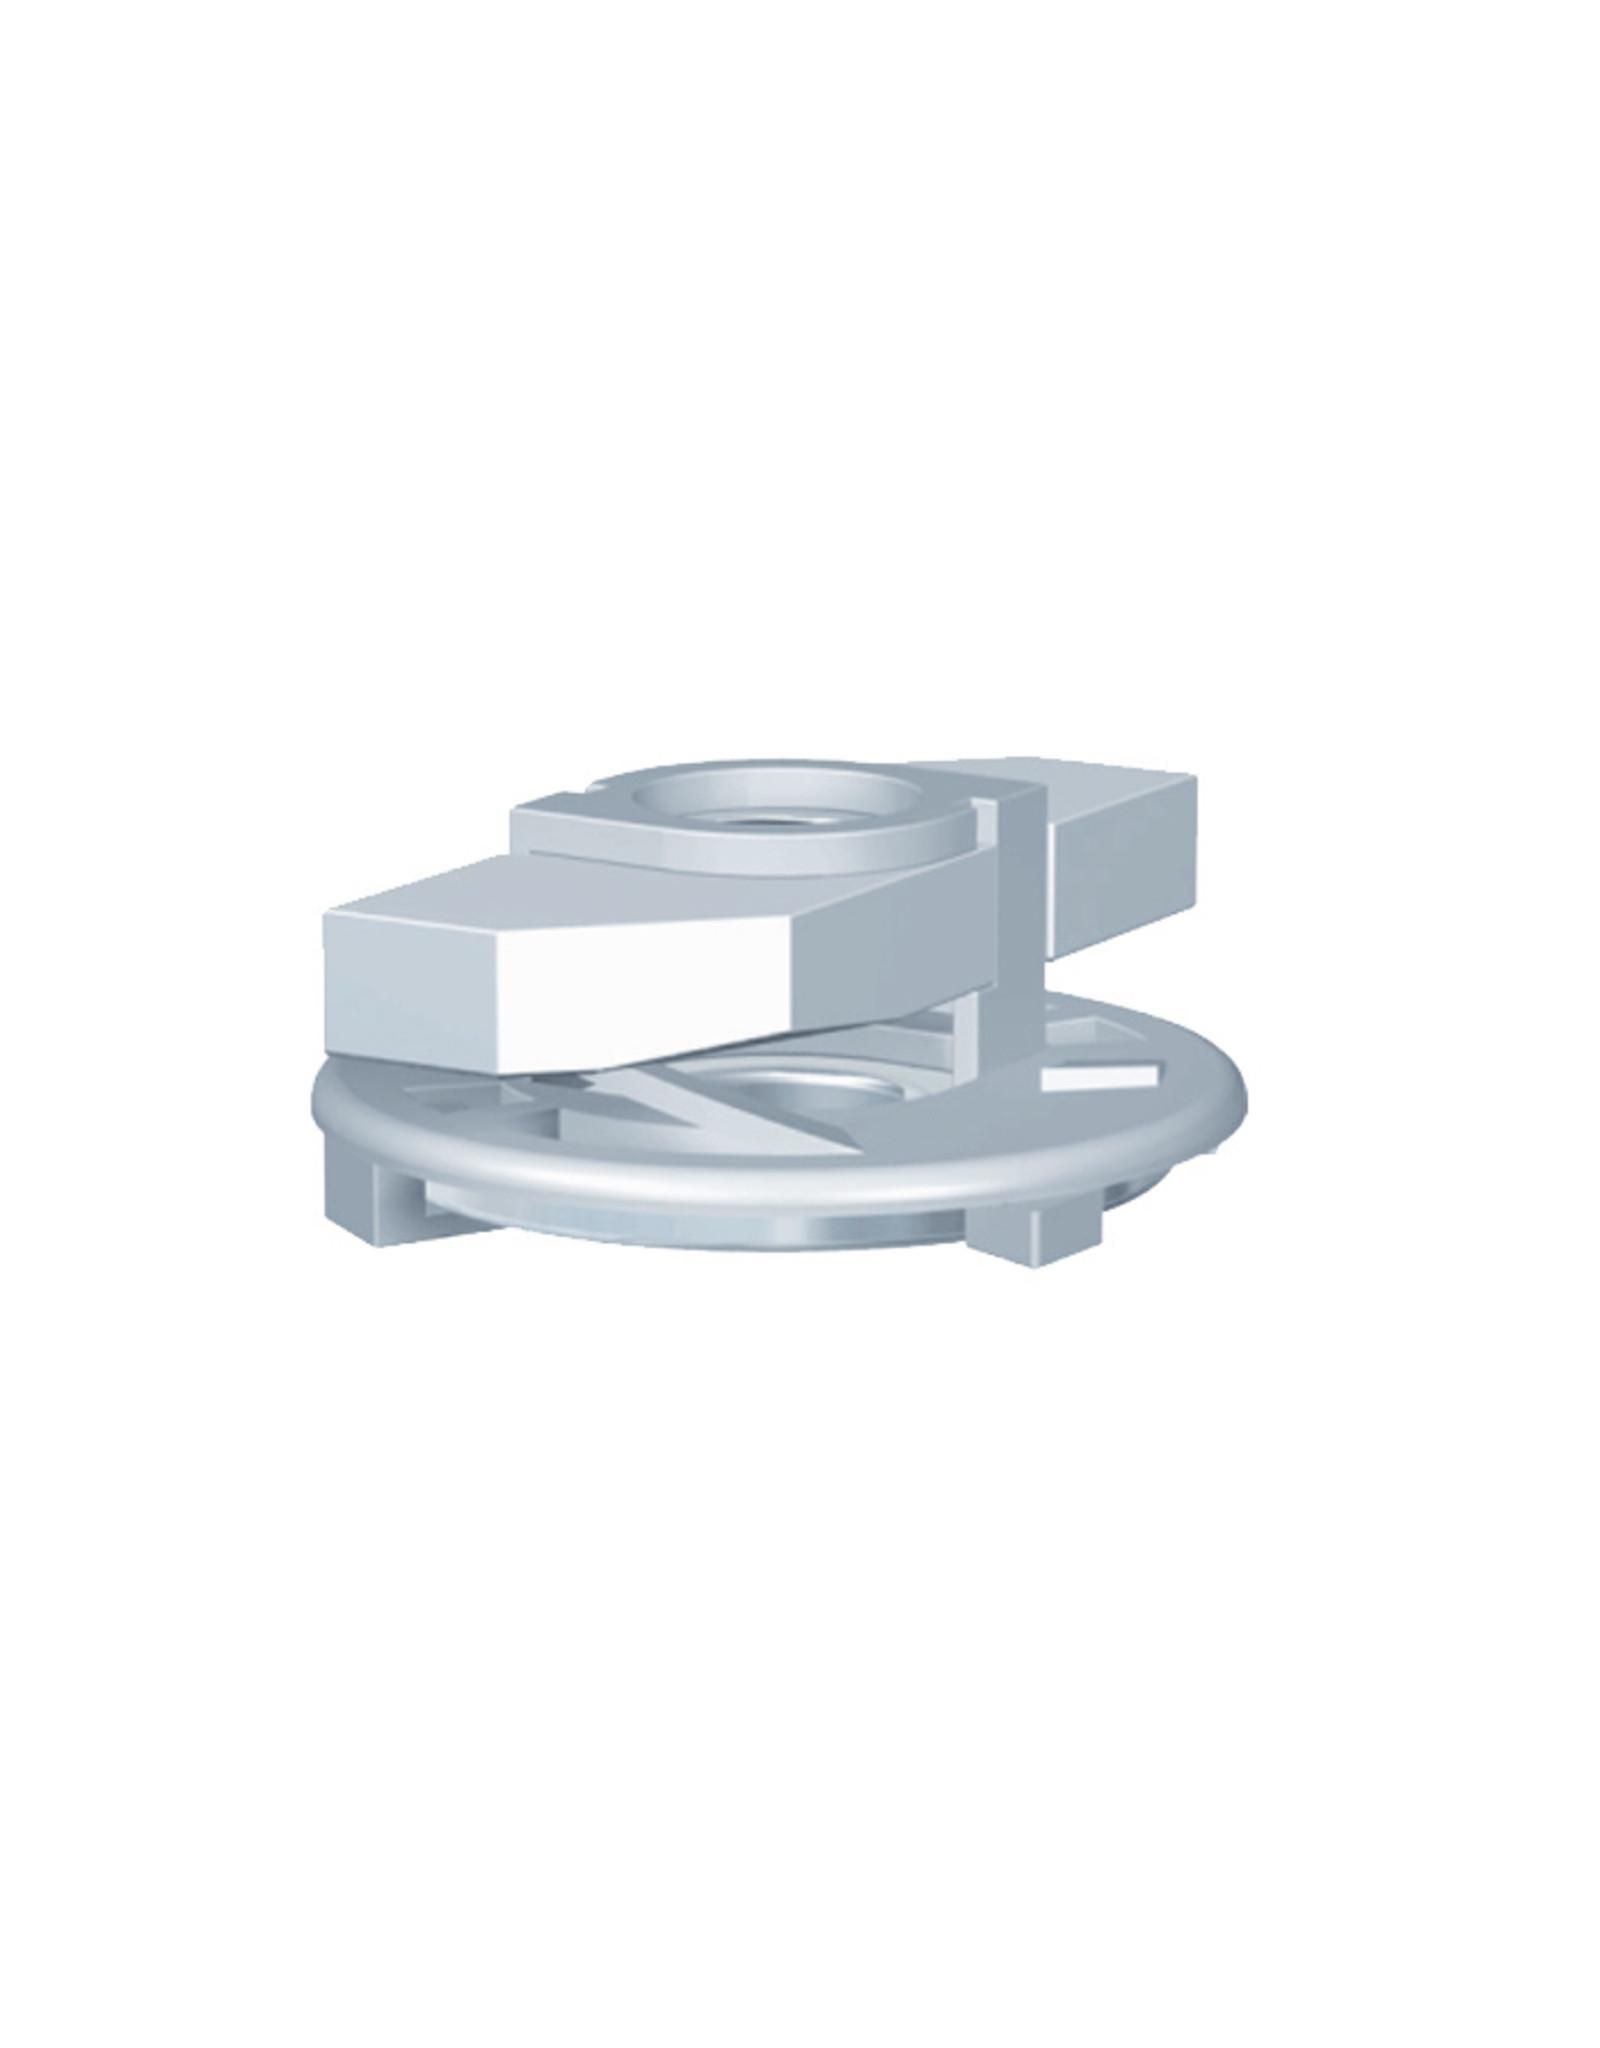 Bevestigingsmaterialen schuifmoer RVS / STAAL